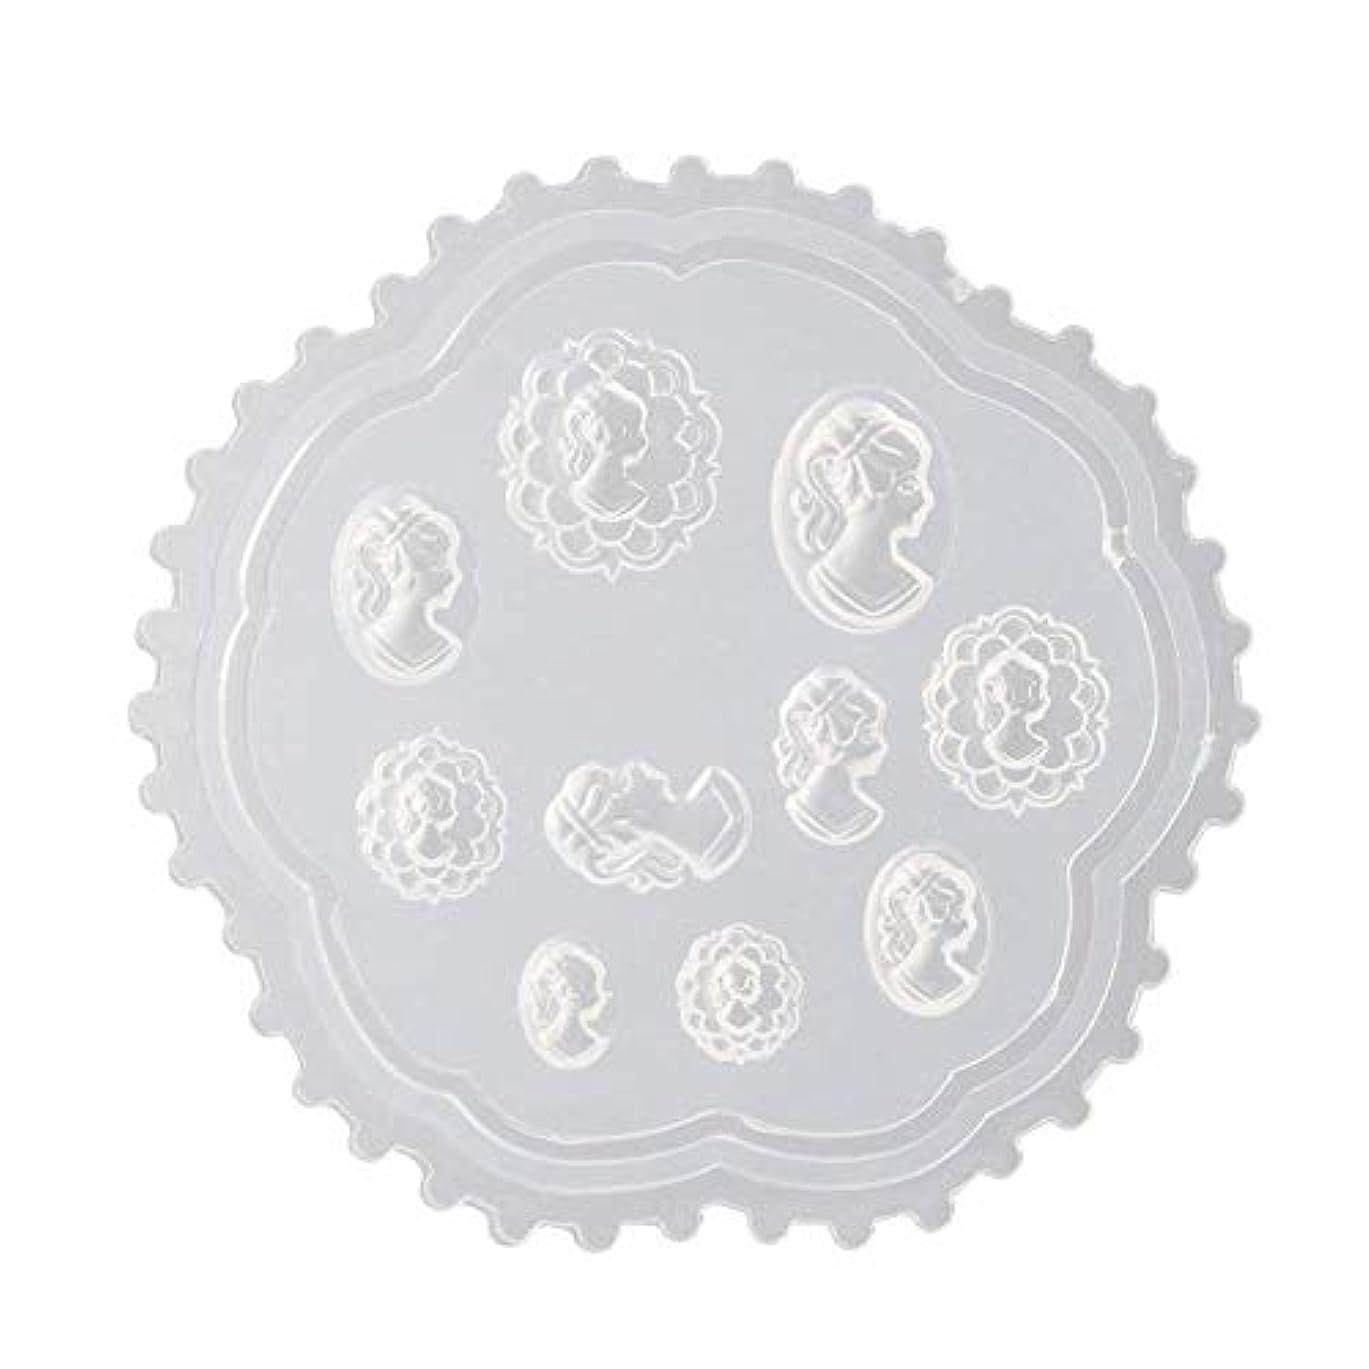 ゴム平衡の慈悲でcoraly 3Dシリコンモールド ネイル 葉 花 抜き型 3Dネイル用 レジンモールド UVレジン ネイルパーツ ジェル ネイル セット アクセサリー パーツ 作成 (2)